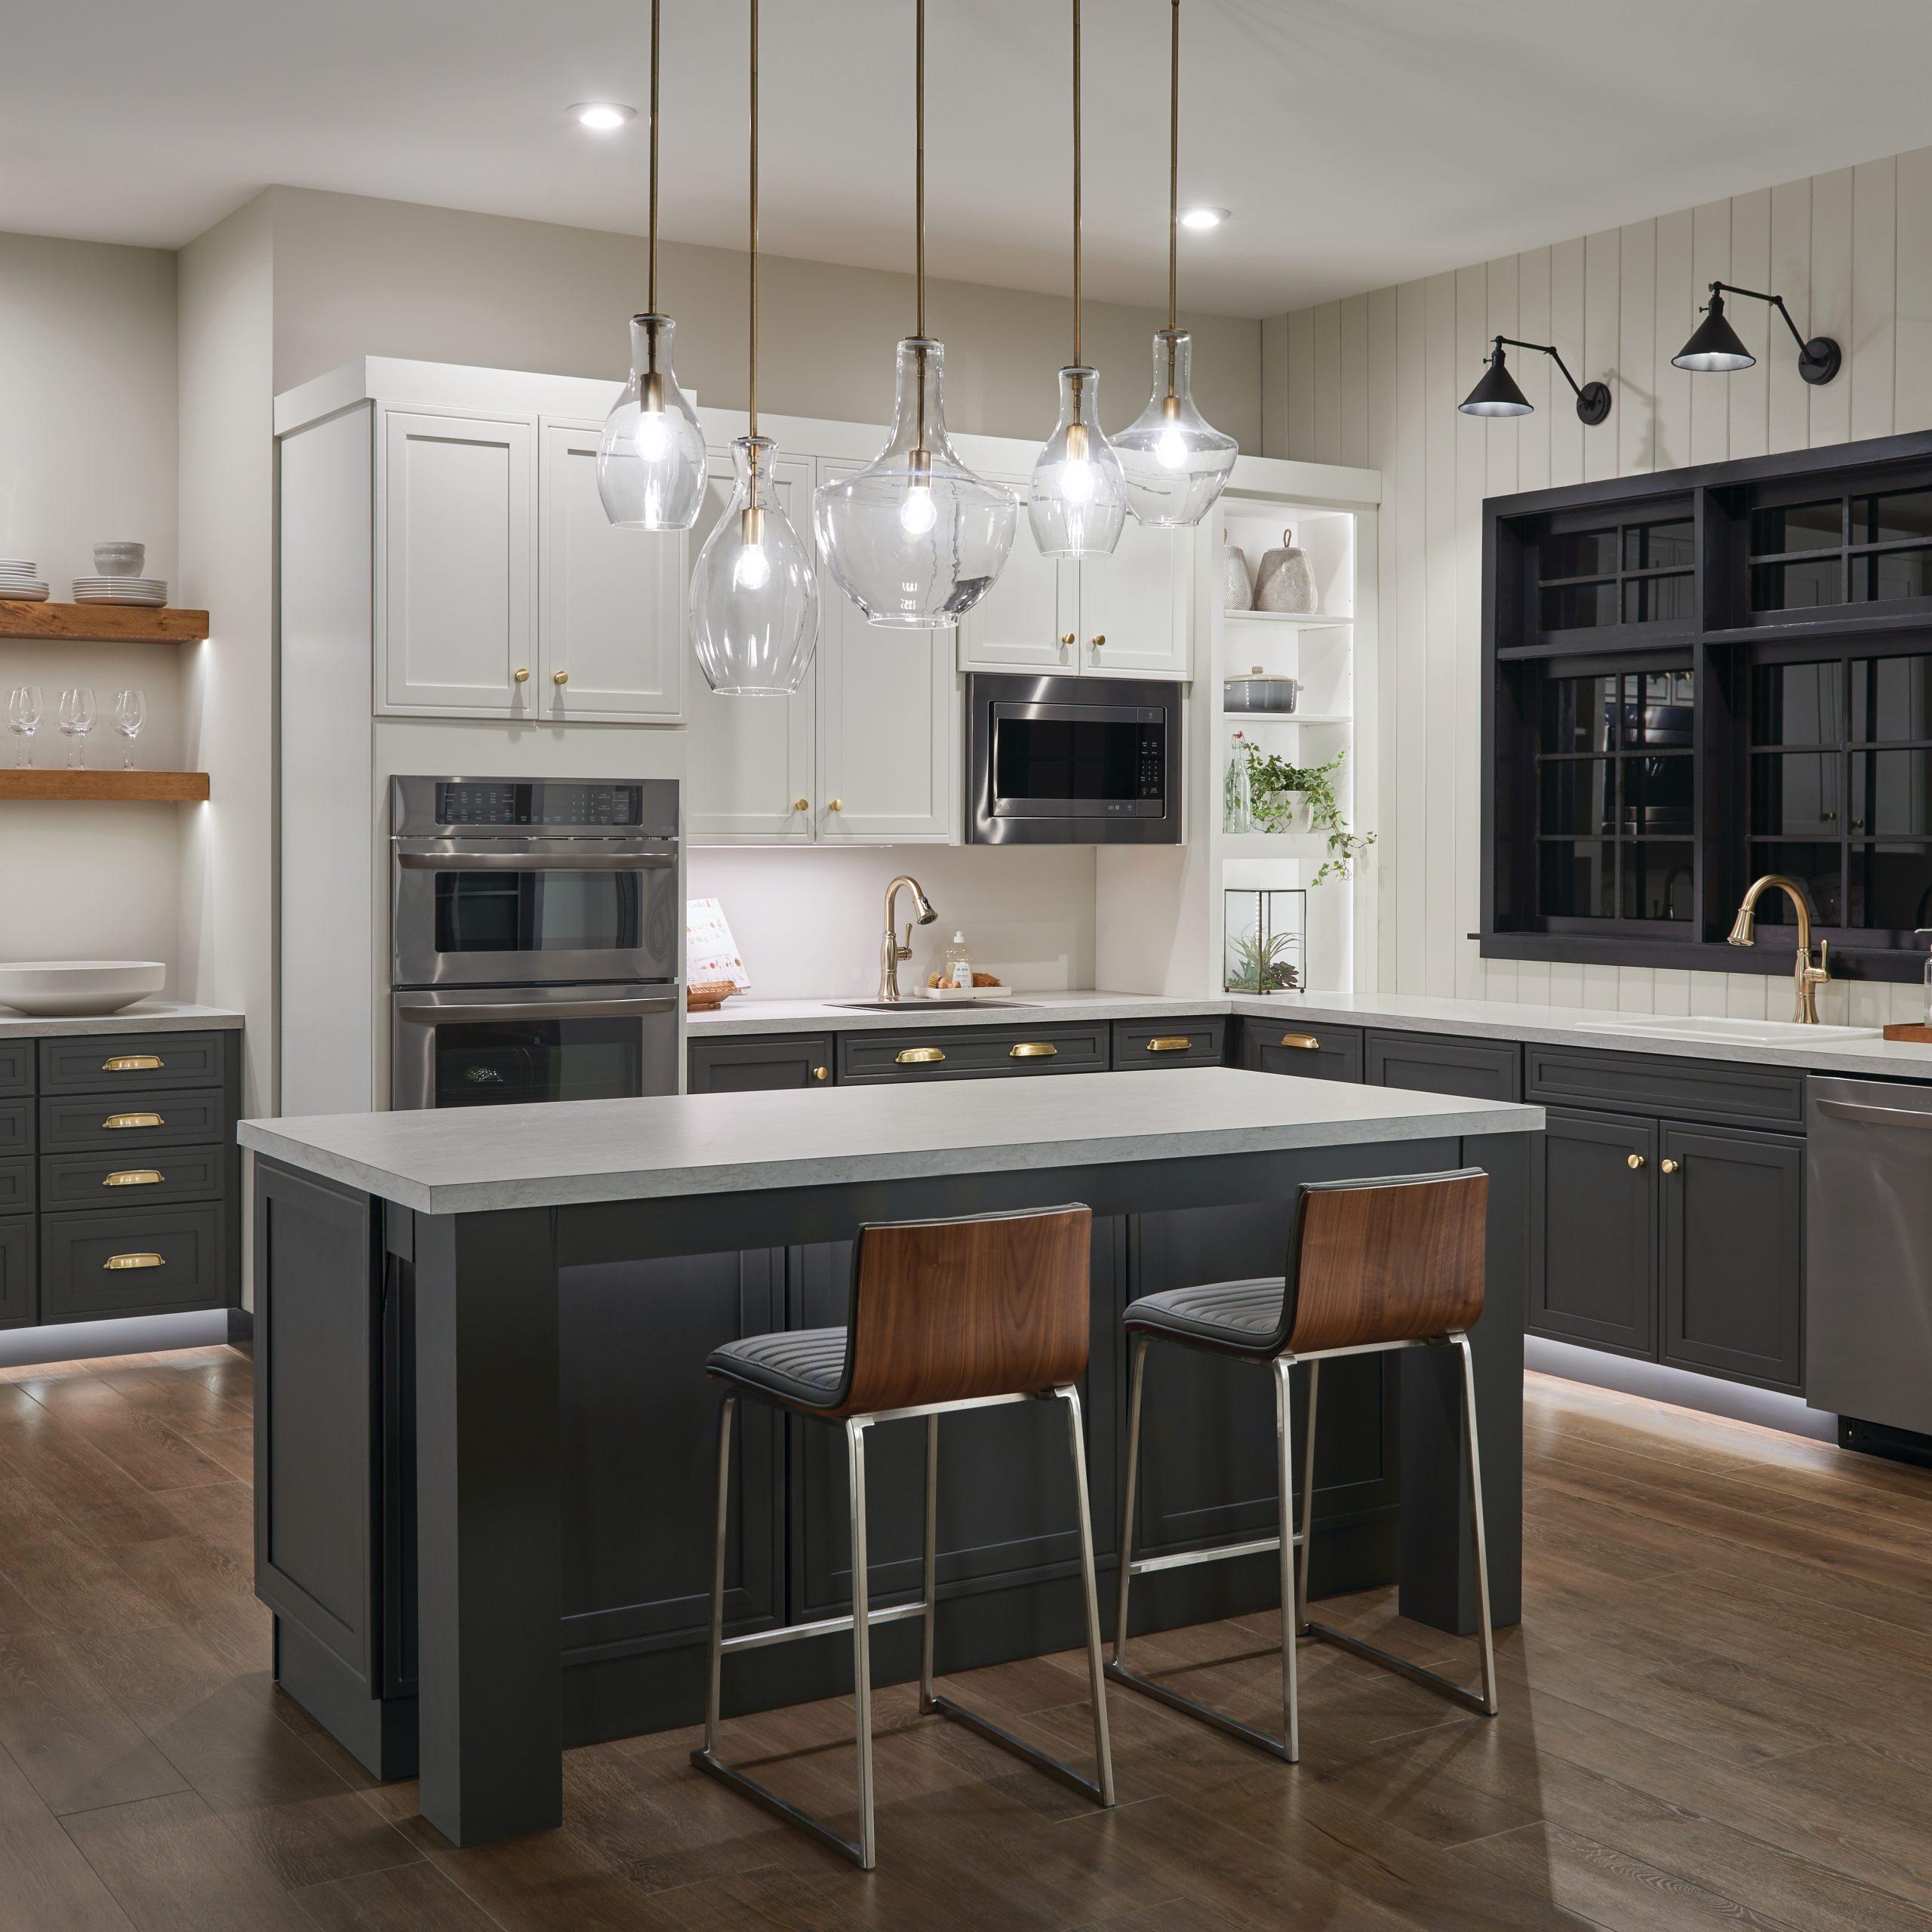 Kitchen-Everly-Ellerbeck-42456NBR-42047NBR-42141NBR-42046NBR-43115BK-Night-Detail-2